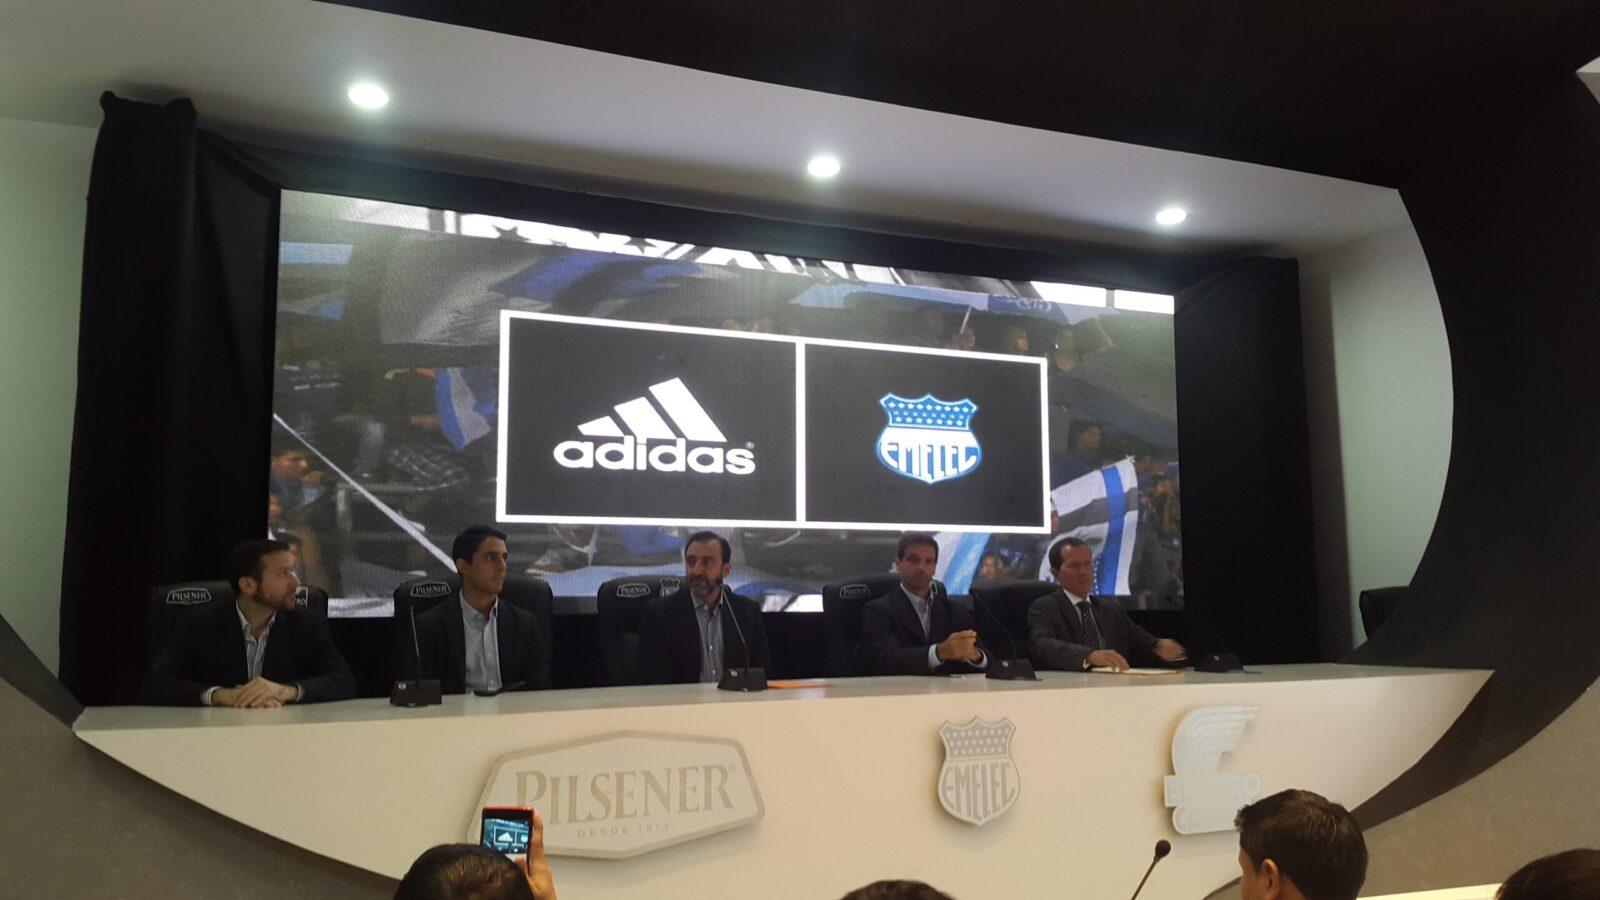 empresa alemana adidas vestirá desde 2016 a emelec